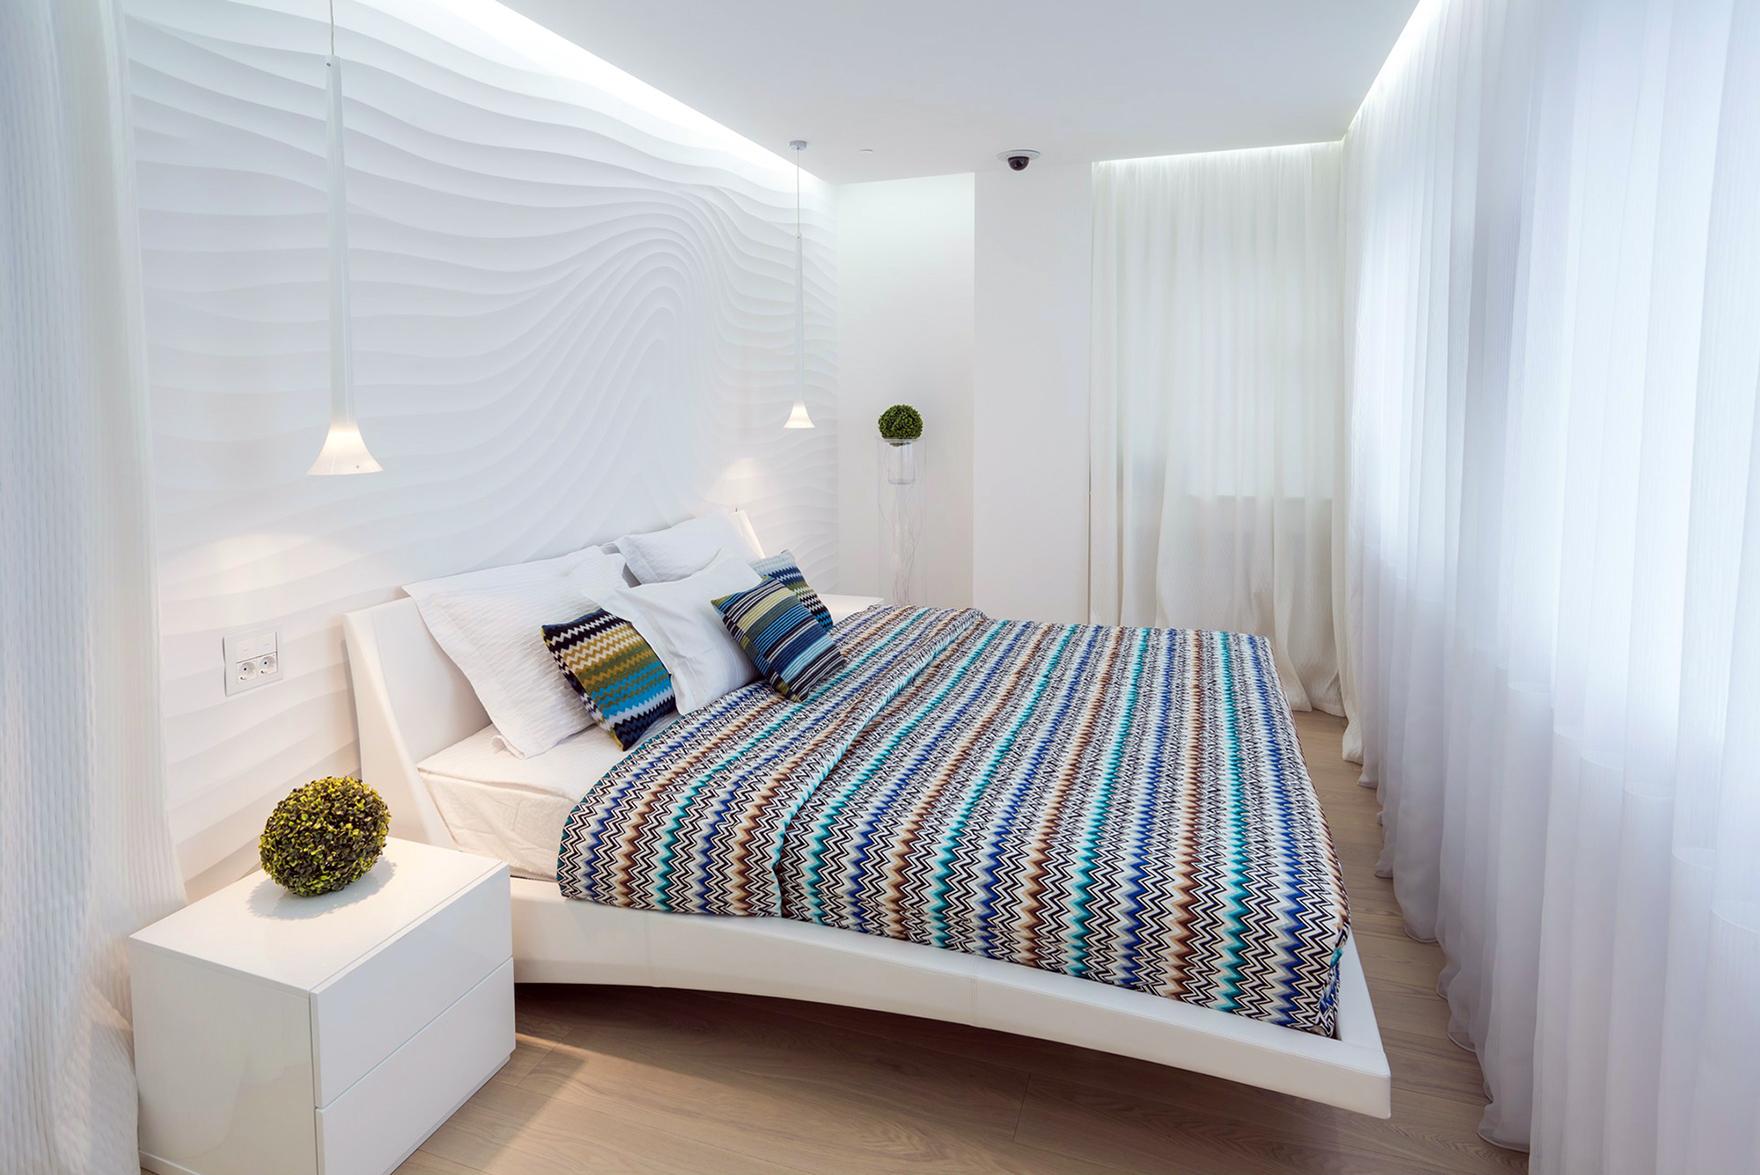 Белая малогабаритная кровать